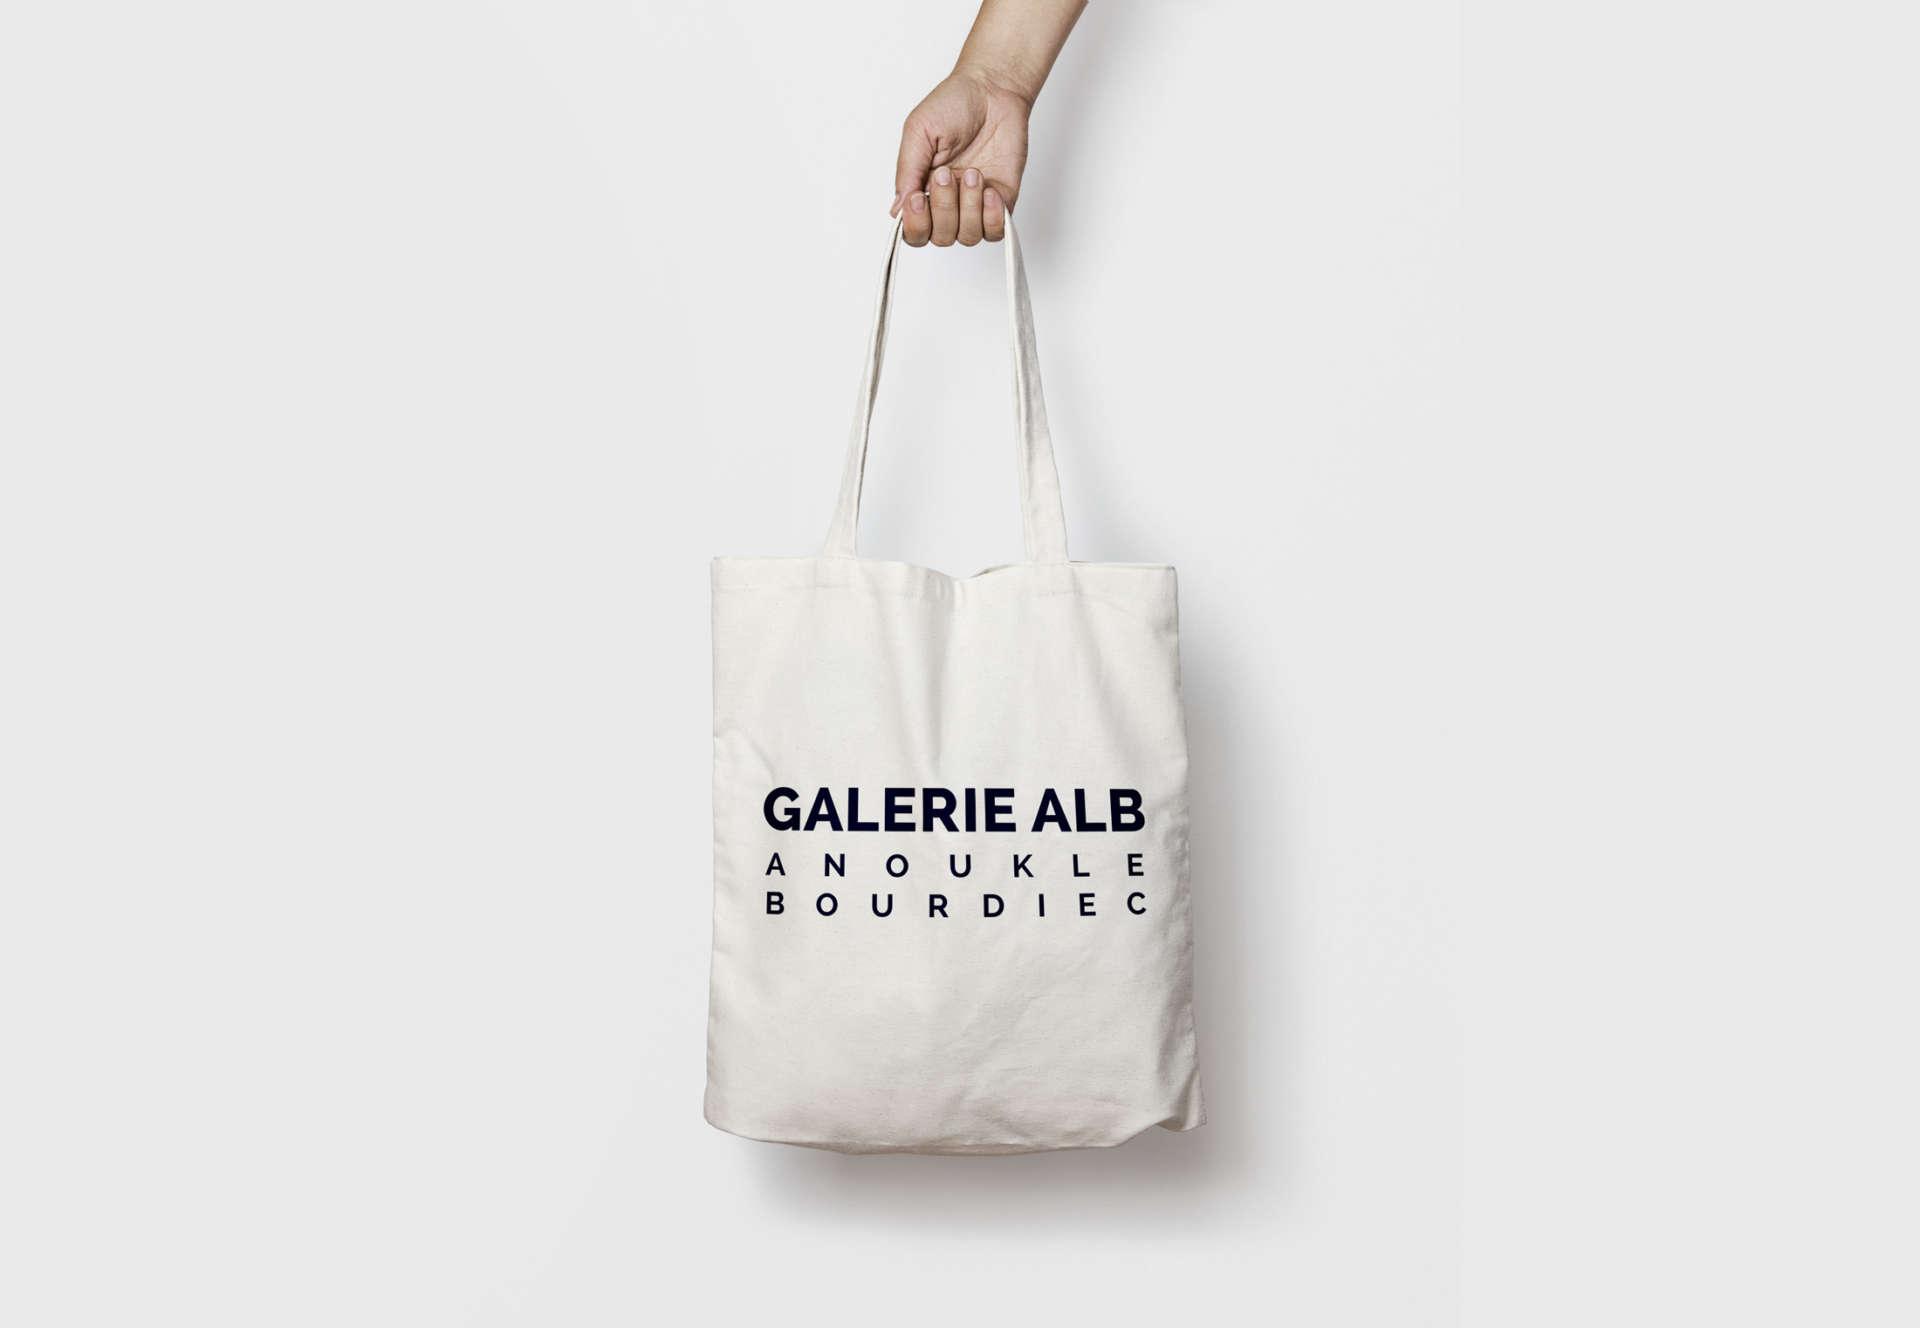 GalerieALB-Totebag